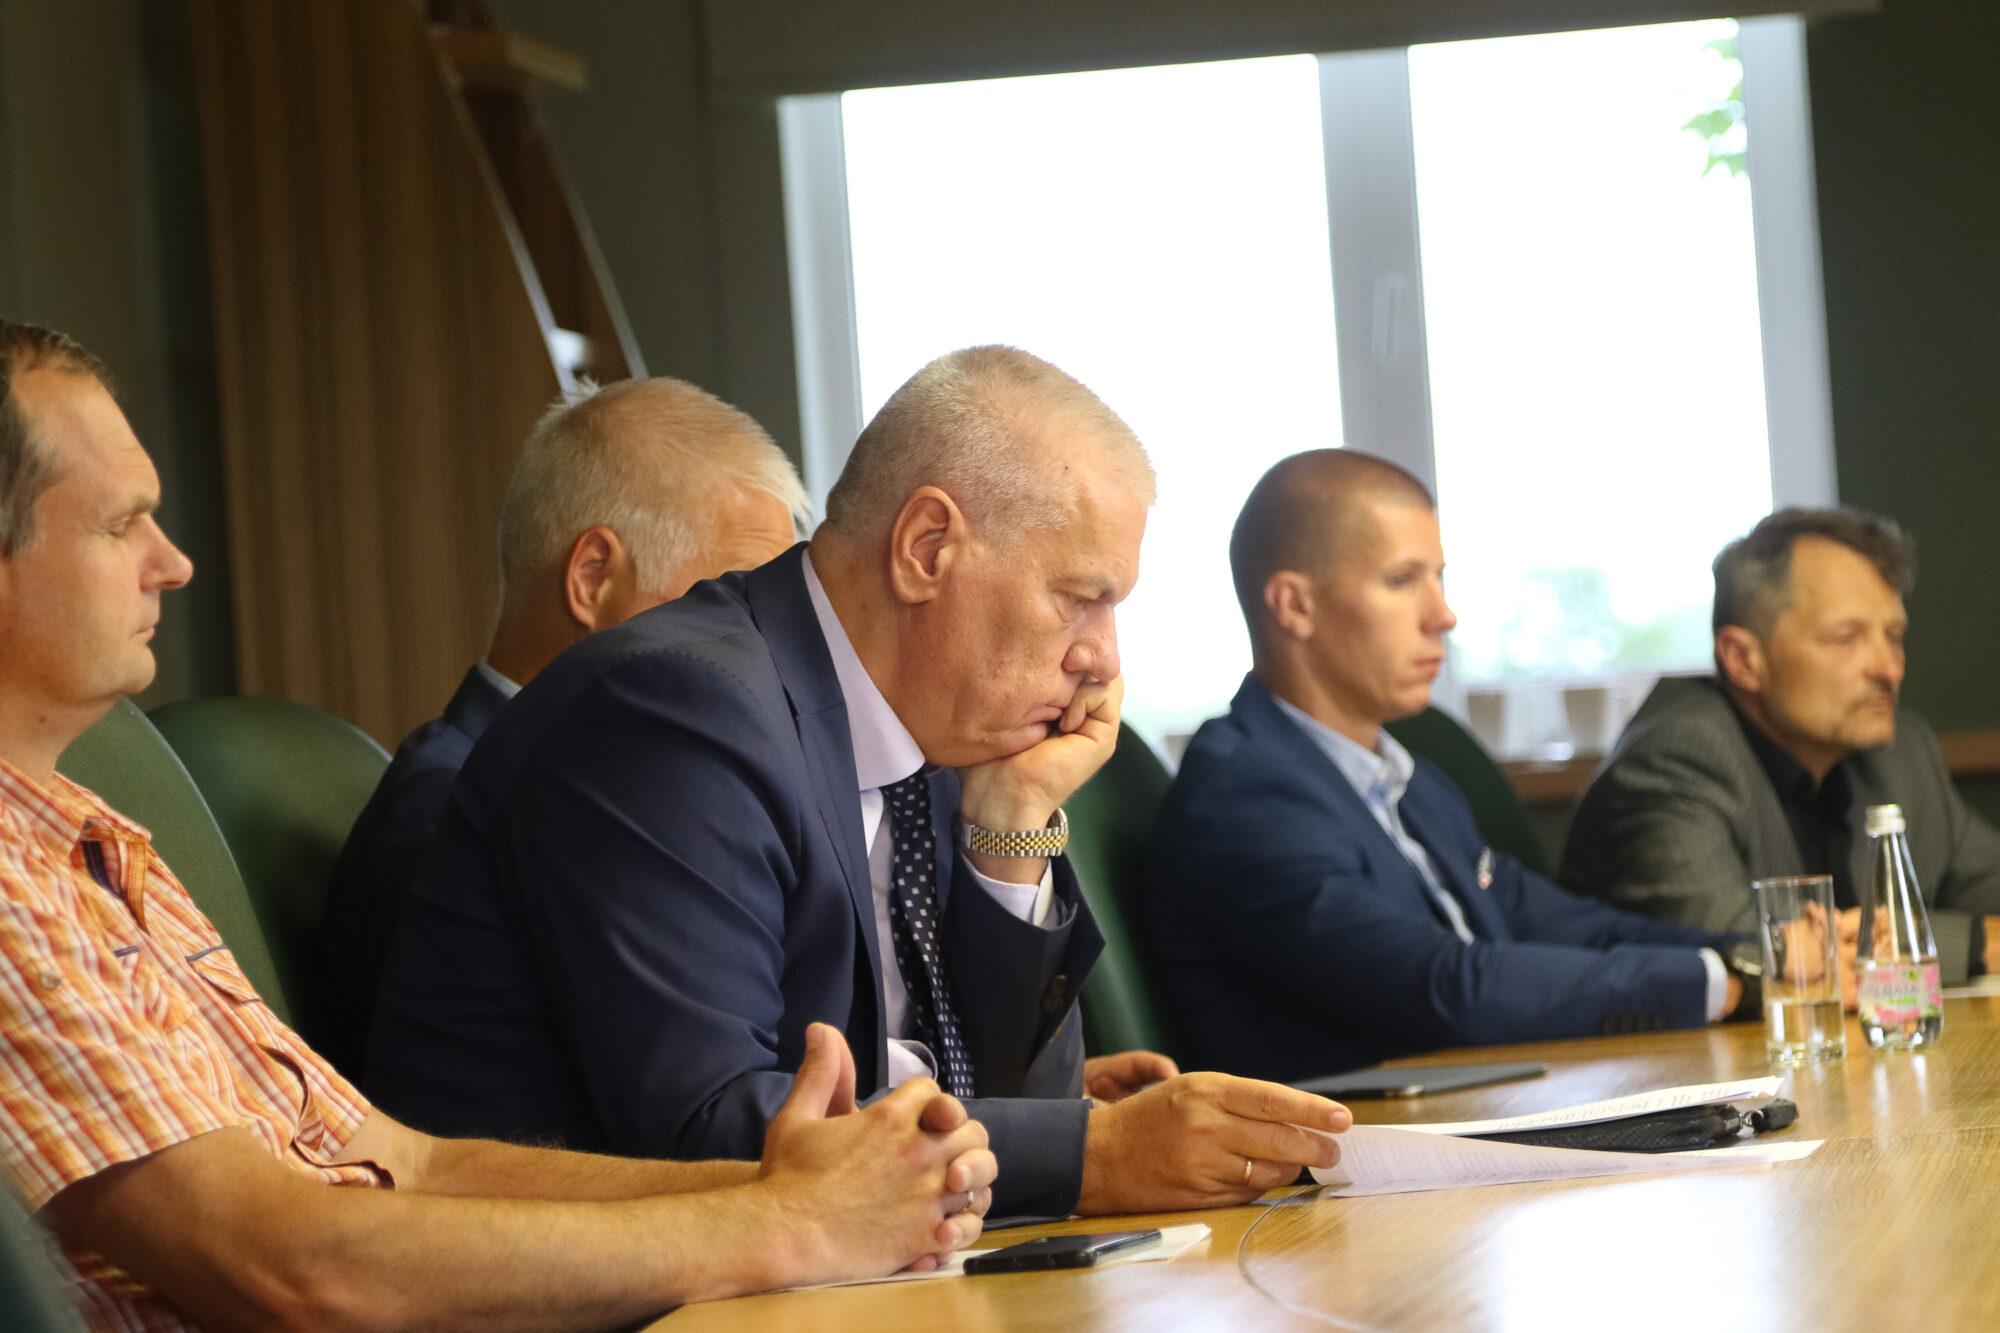 Большинство предпринимателей Лиепайского порта не поддерживают преобразование СЭЗ в государственное общество капитала